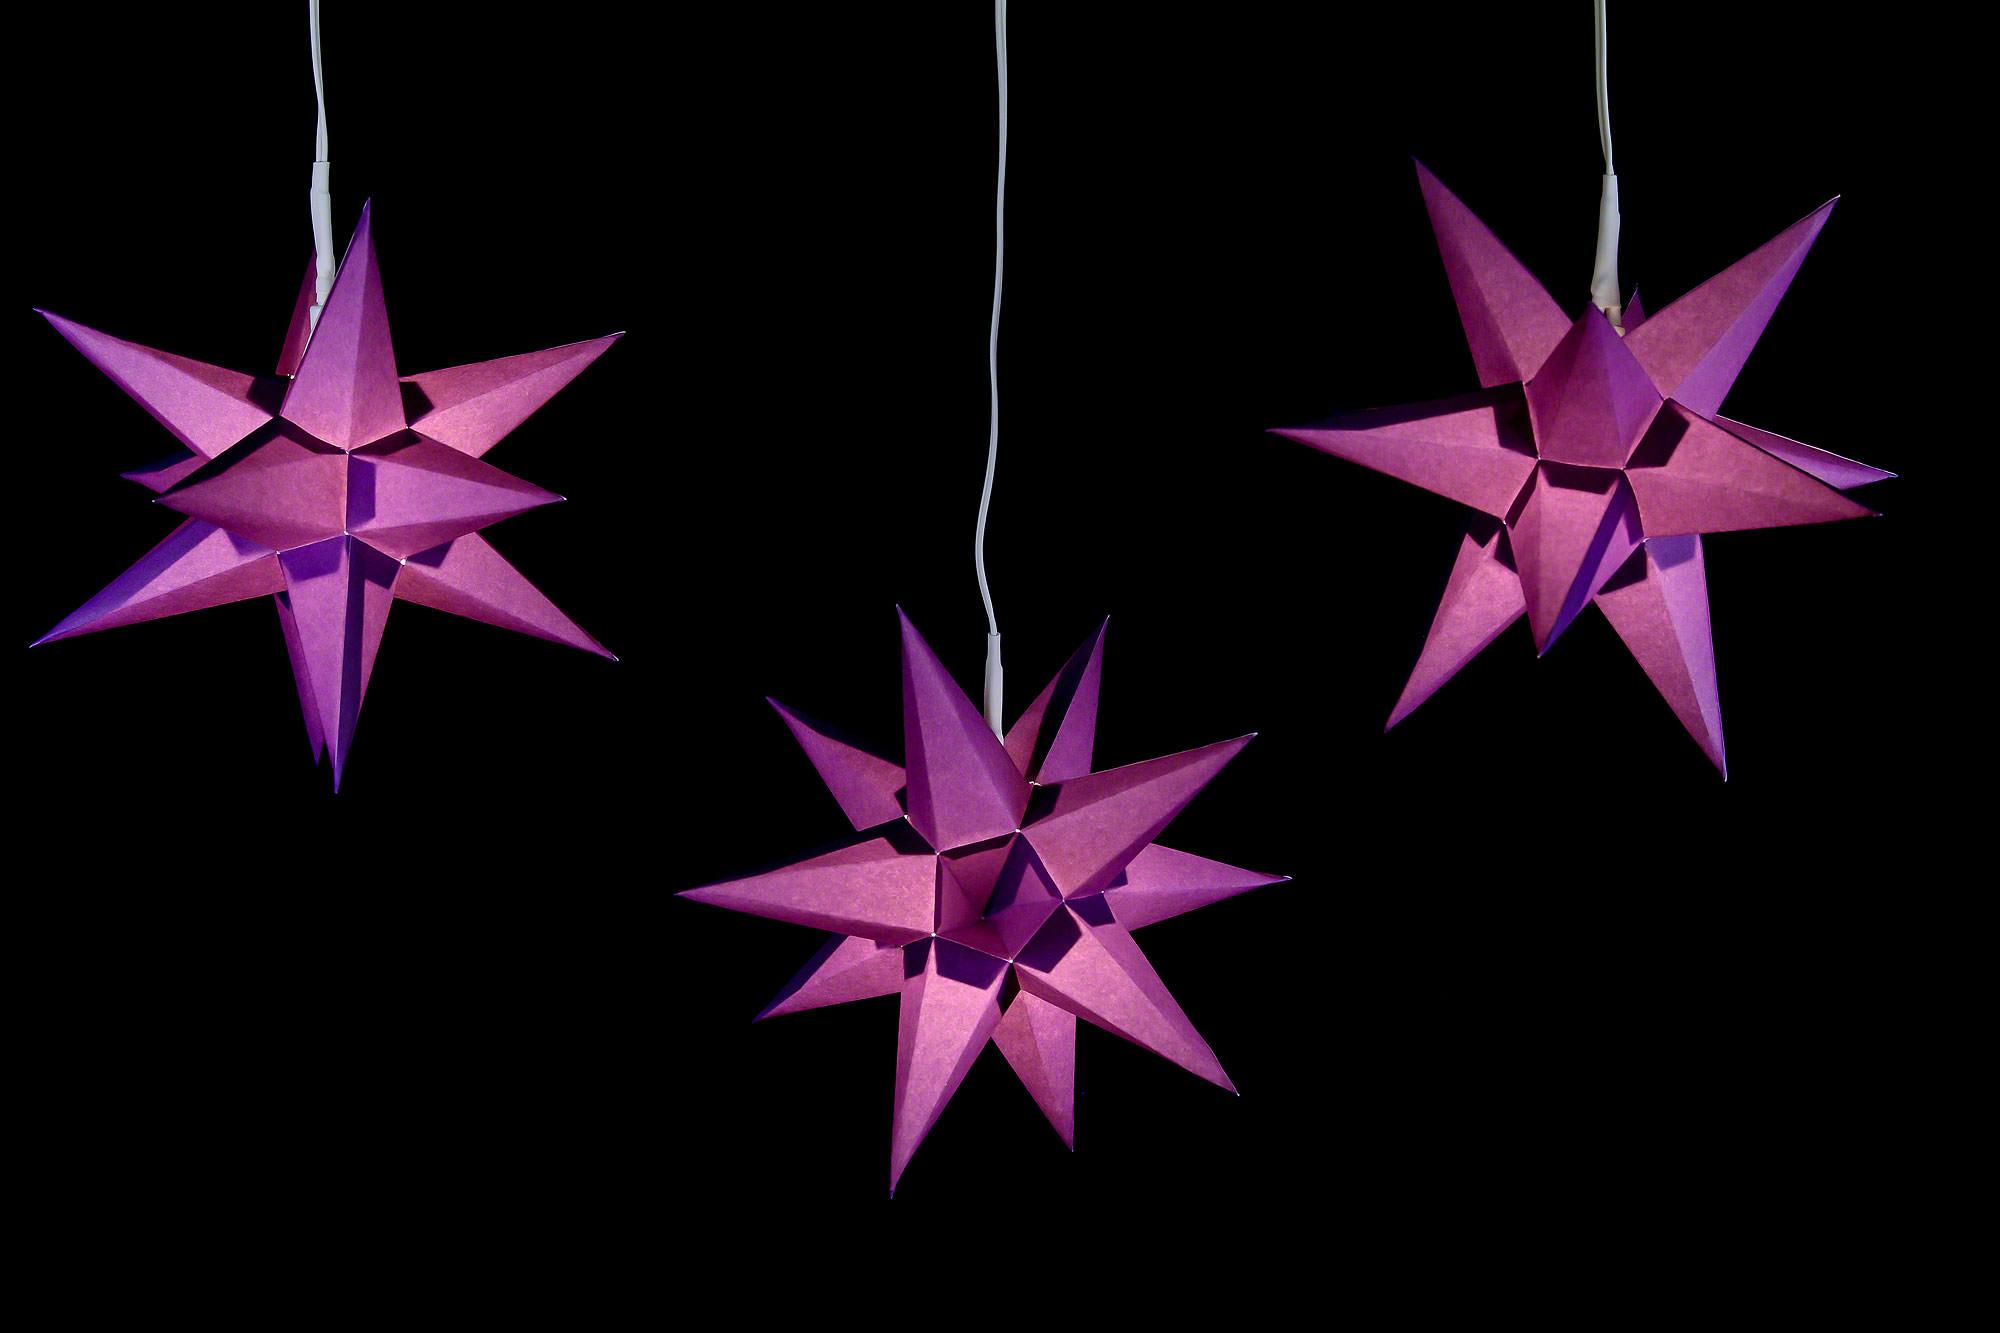 erzgebirge palast adventsstern 3er set violett inkl beleuchtung 17 cm von erzgebirge palast. Black Bedroom Furniture Sets. Home Design Ideas